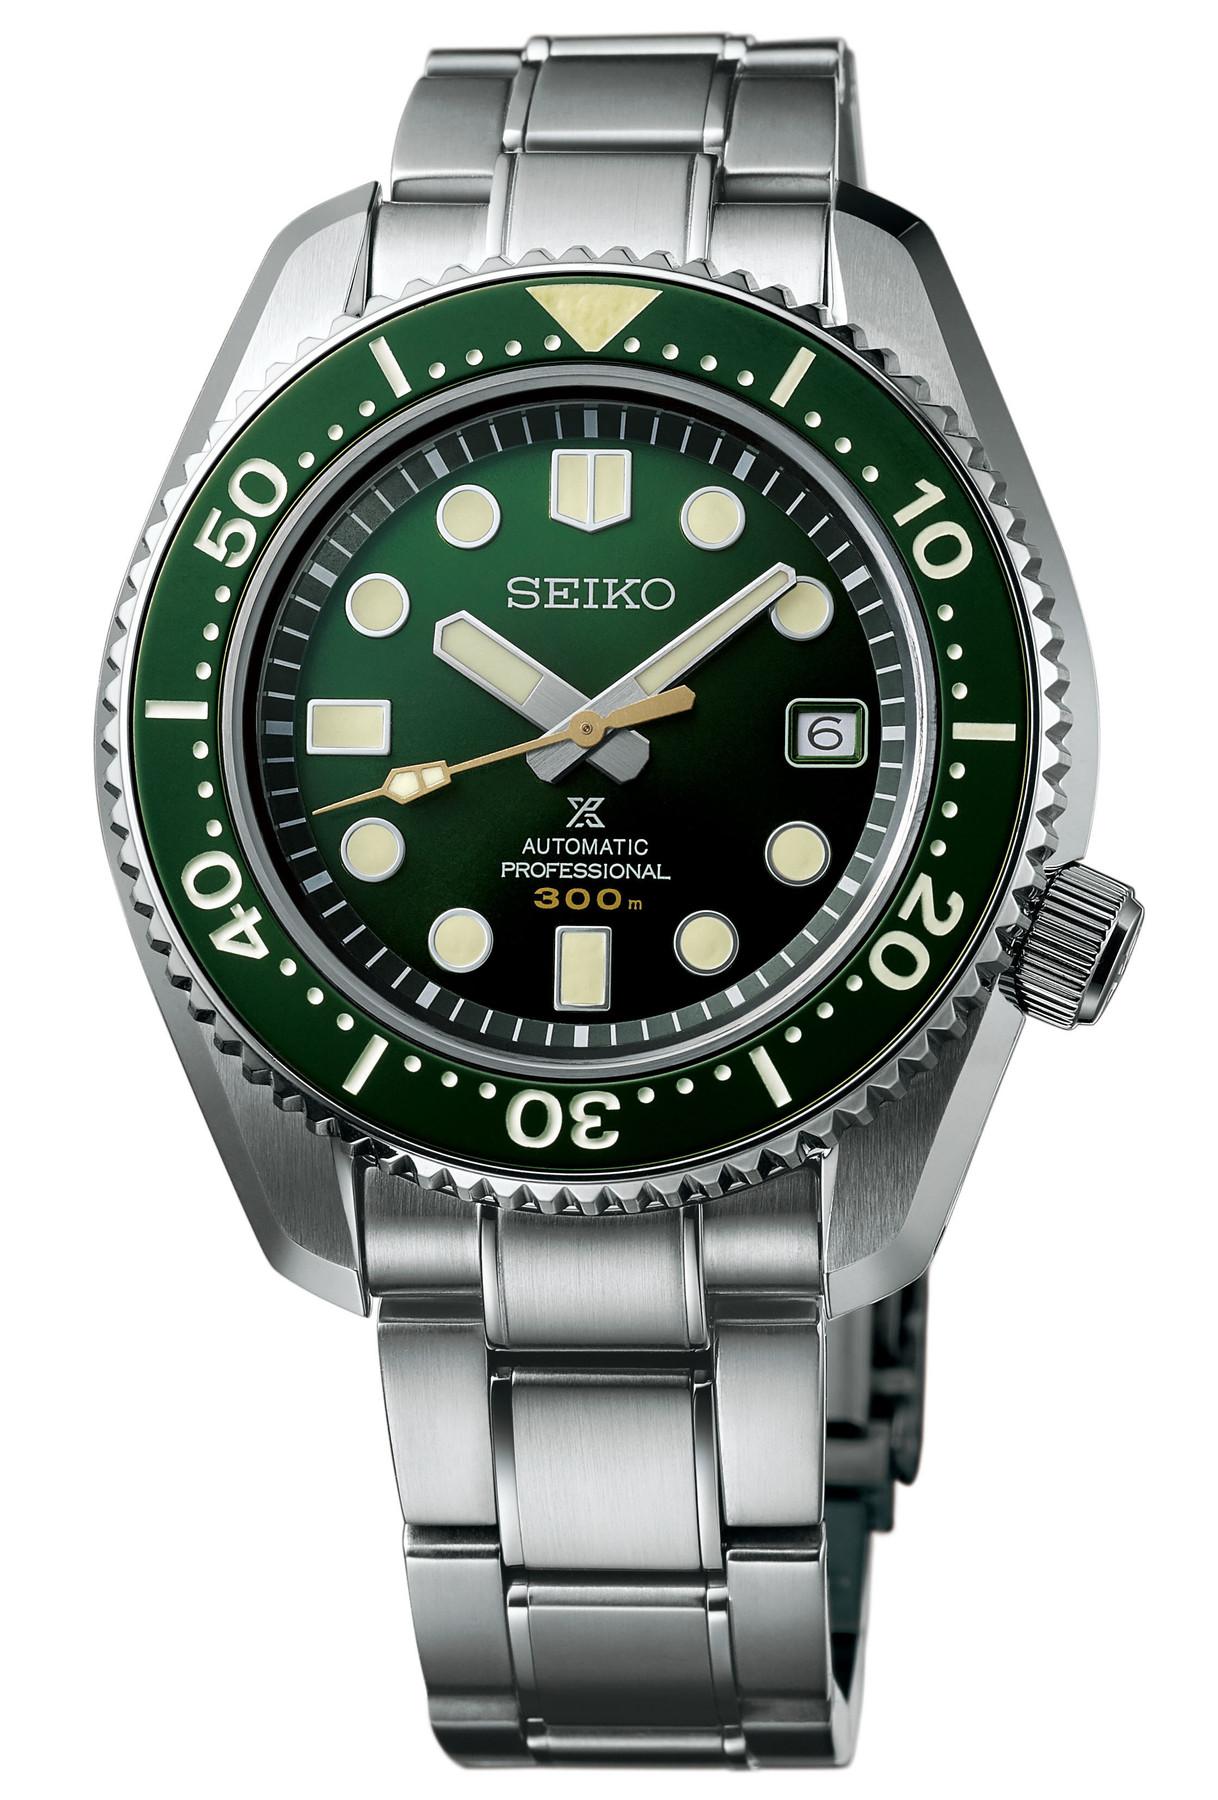 SLA019 / SLA019J1 The Seiko 1968 Diver's Commemorative LE Edition